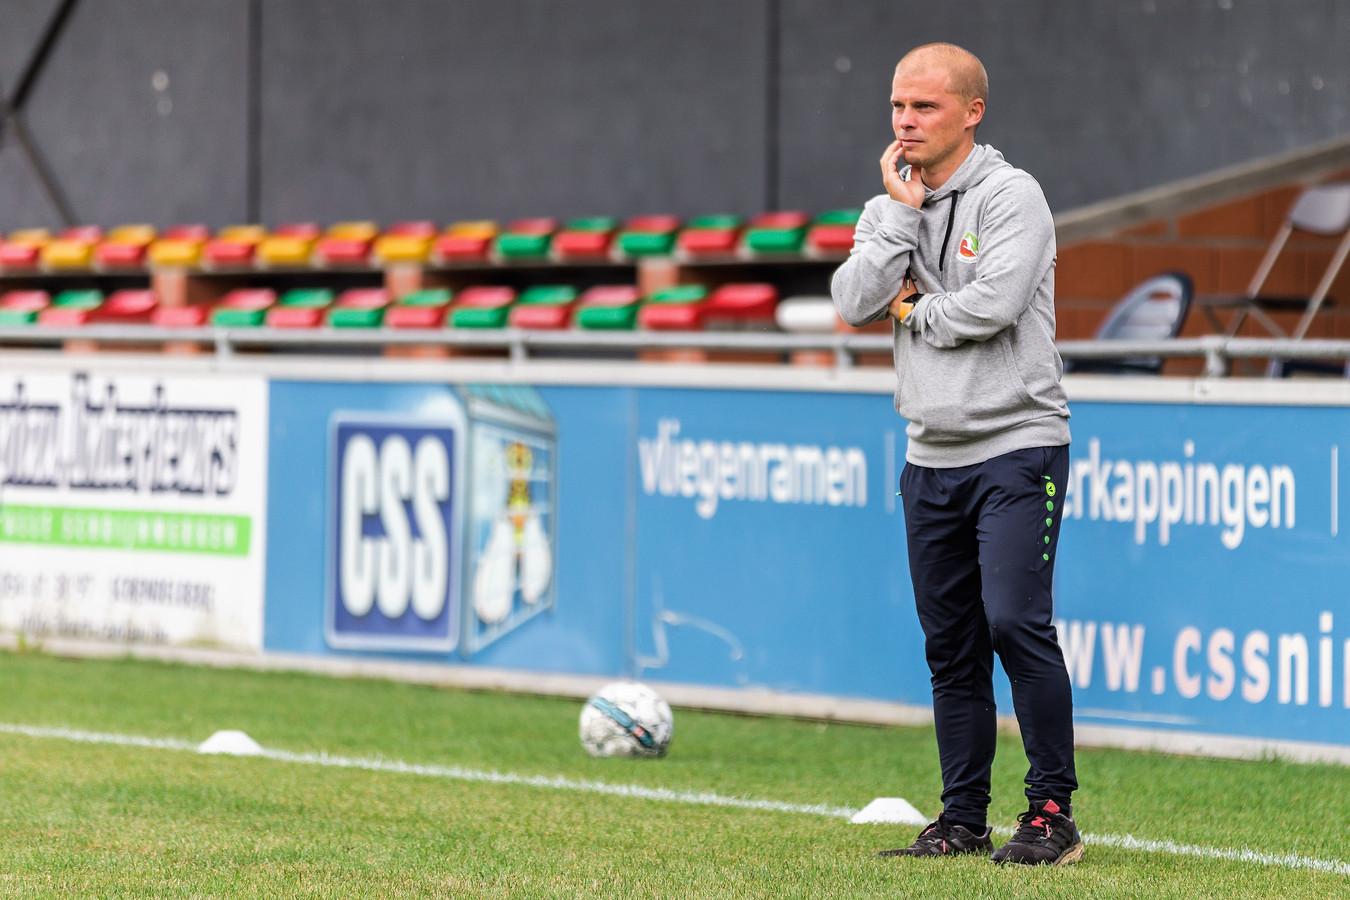 Coach Bart De Durpel trekt zondagnamiddag met Voorde-Appelterre naar eersteprovincialer KVV Ardennen in de eerste ronde van de Beker van België. Voor de fusieclub wordt het de eerste wedstrijd met inzet in tien maanden.